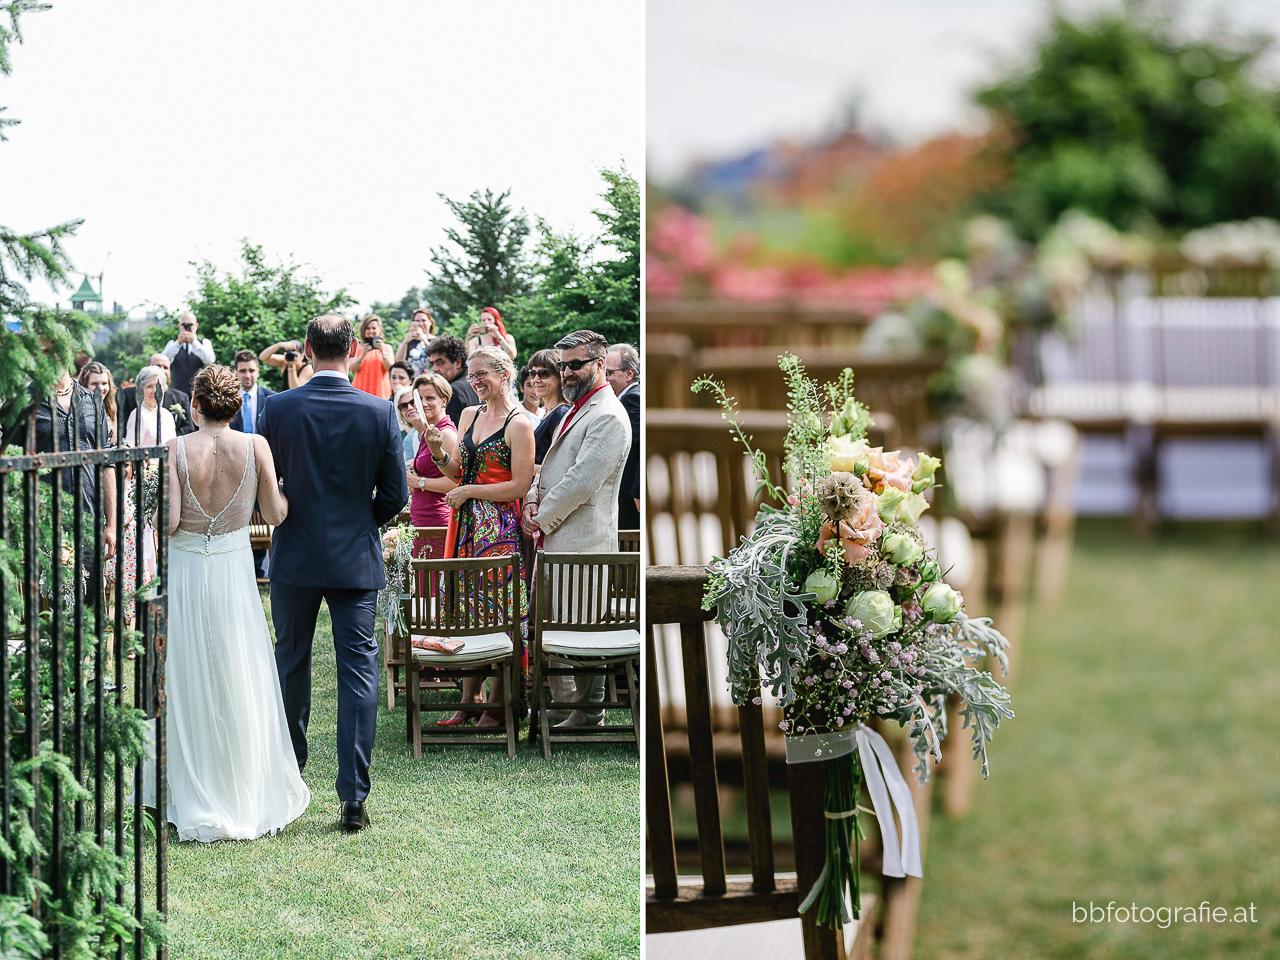 Hochzeitsfotograf, Hochzeitsfotograf Wien, Hochzeitslocation Wien, Hochzeitslocation Weingut am Reisenberg, Trauung, Gartenhochzeit, Hochzeit mit Ausblick, b&b fotografie